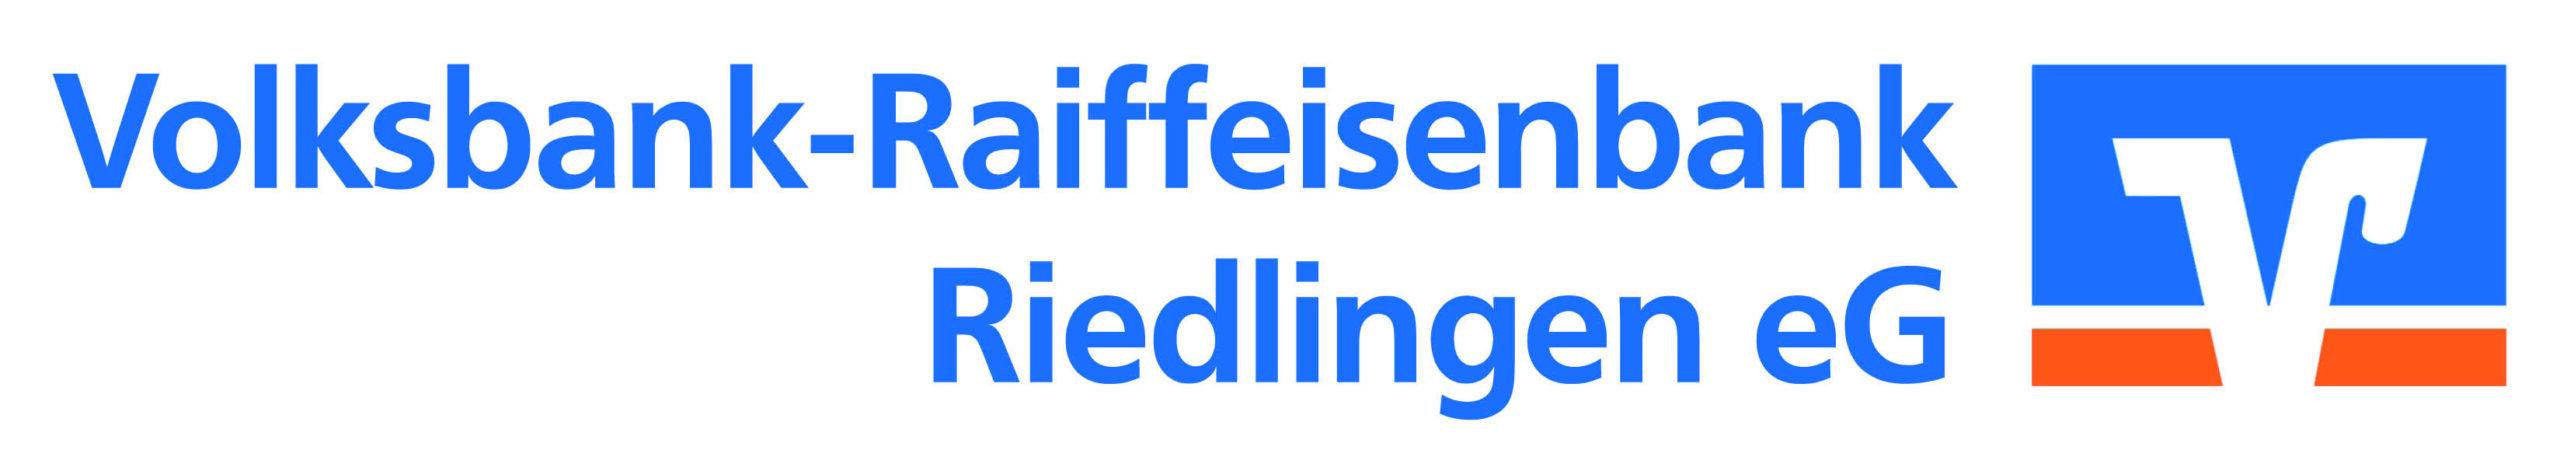 Raiffeisenbank Riedlingen